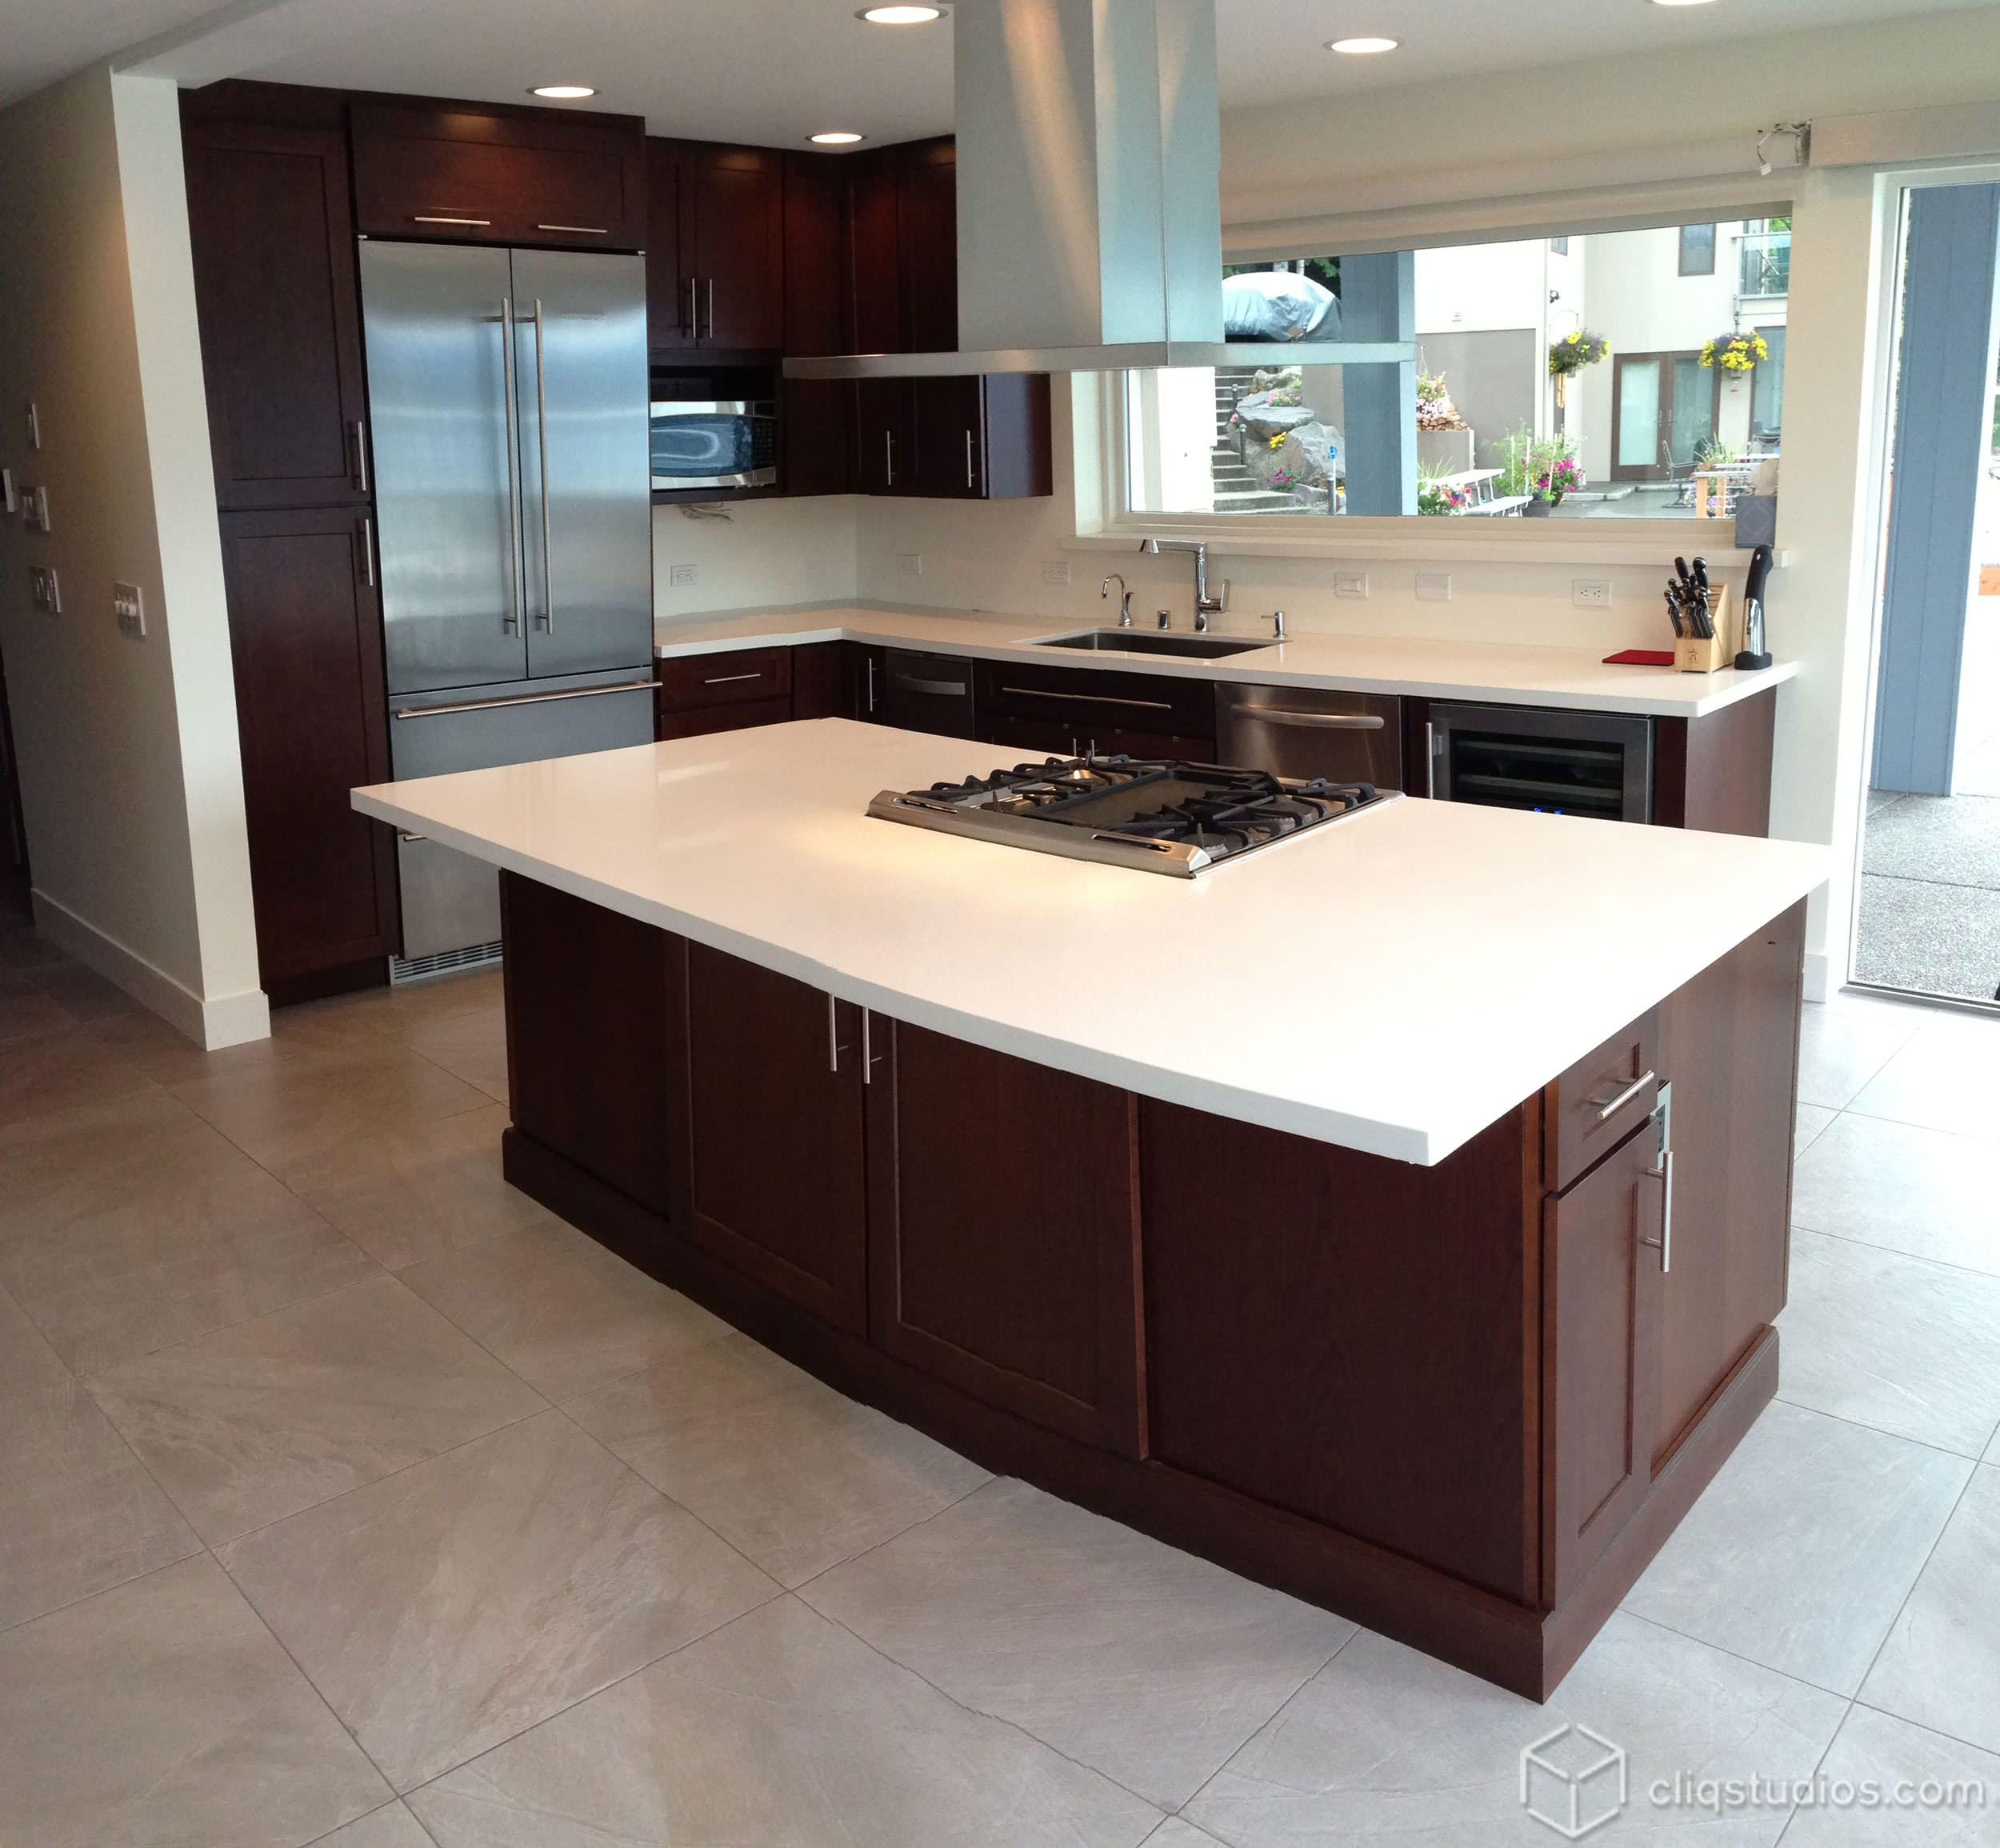 Modern Cherry Kitchen Cabinets Houzz